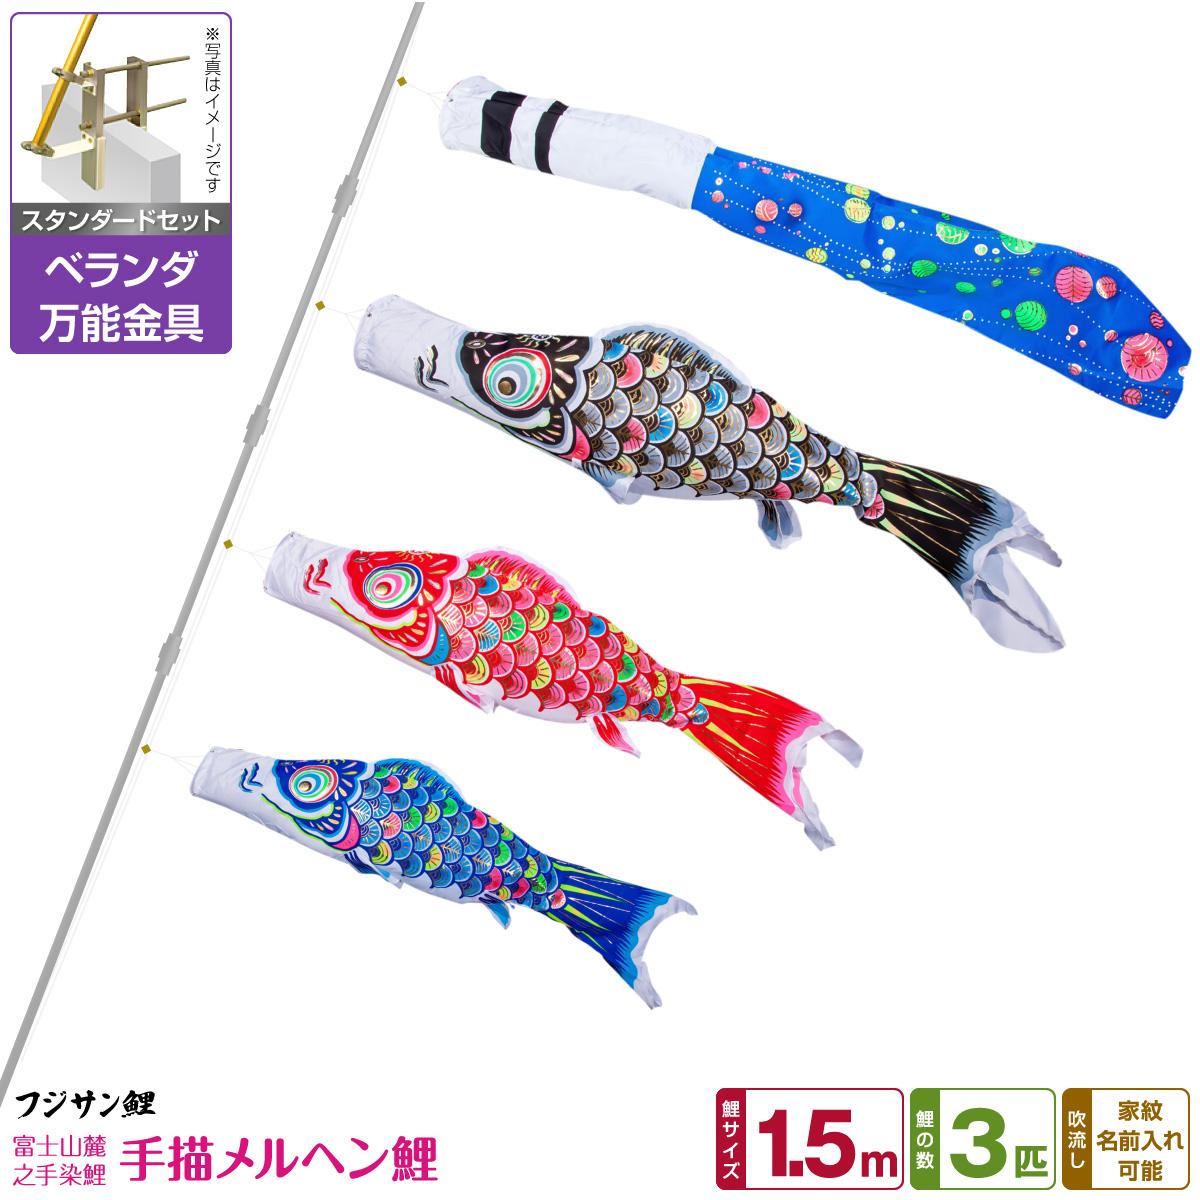 ベランダ用 こいのぼり 鯉のぼり フジサン鯉 手描メルヘン鯉 1.5m 6点(吹流し+鯉3匹+矢車+ロープ)/スタンダードセット(万能取付金具)